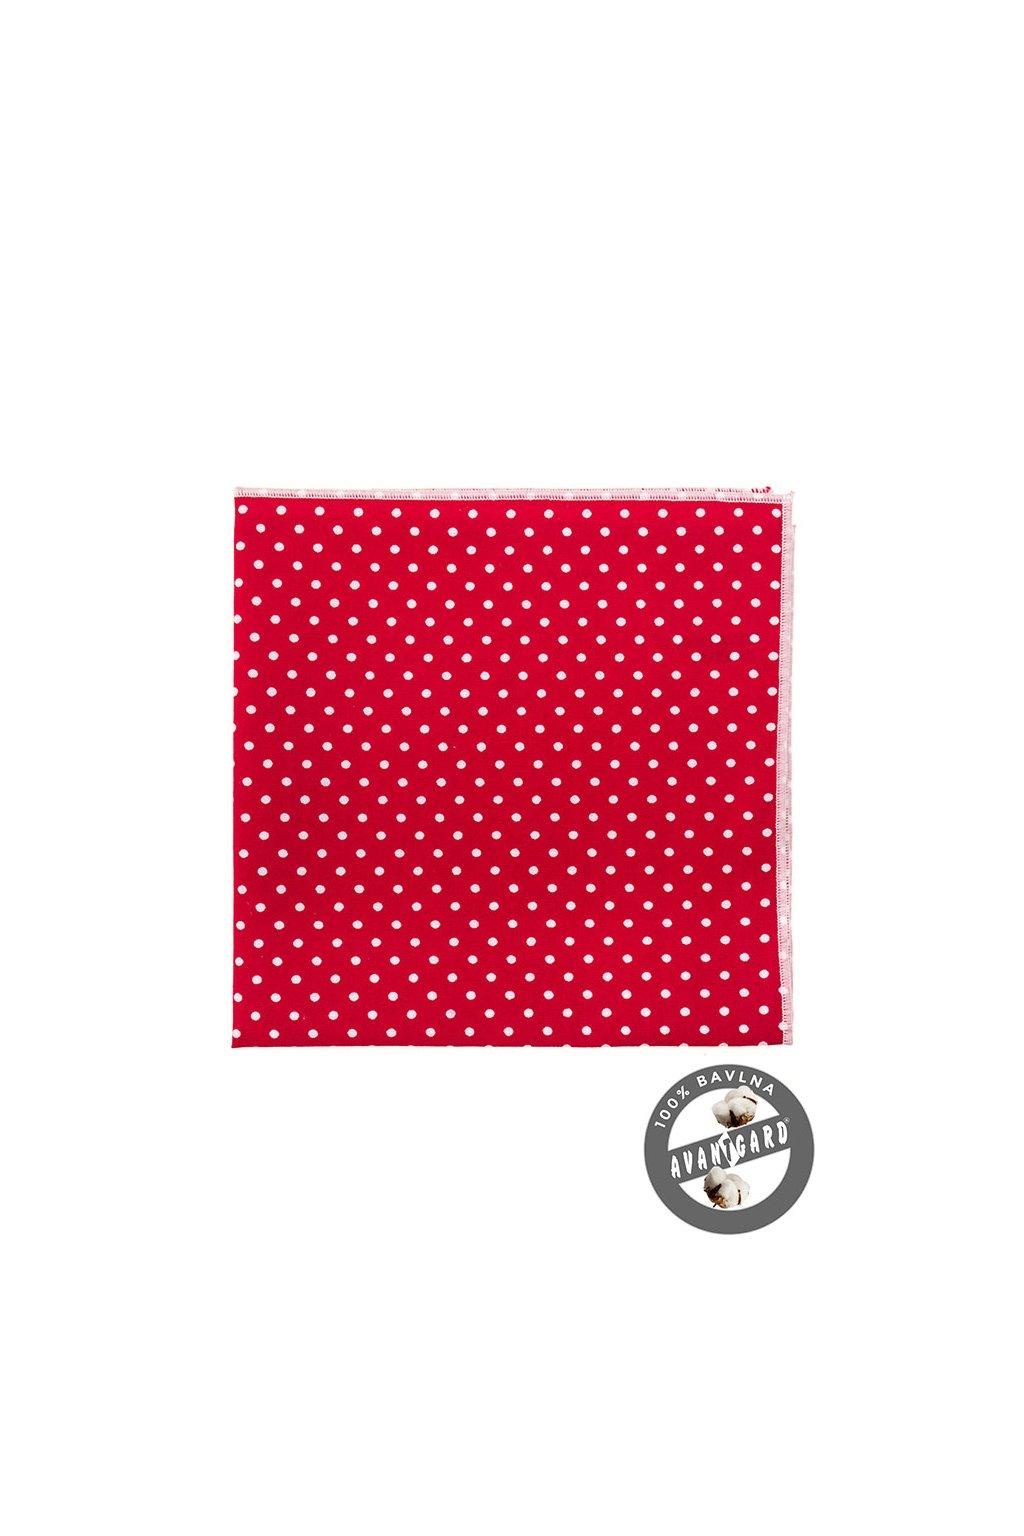 Kapesníček do saka LUX, 583-5140, Červená s bílým puntíkem